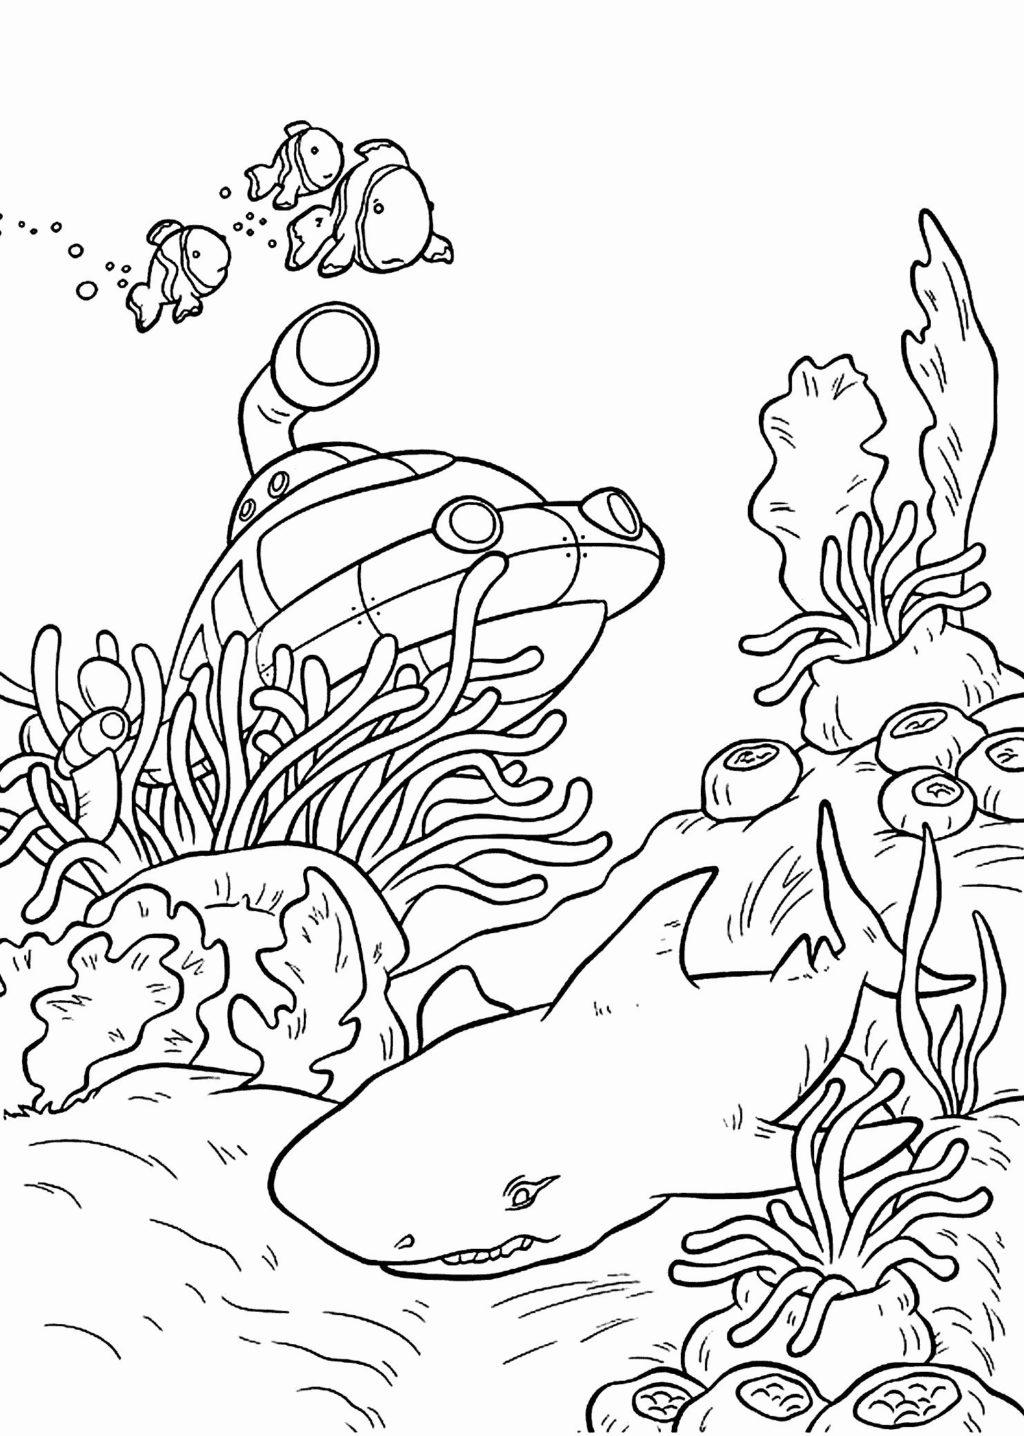 Tranh tô màu đại dương và cá mập